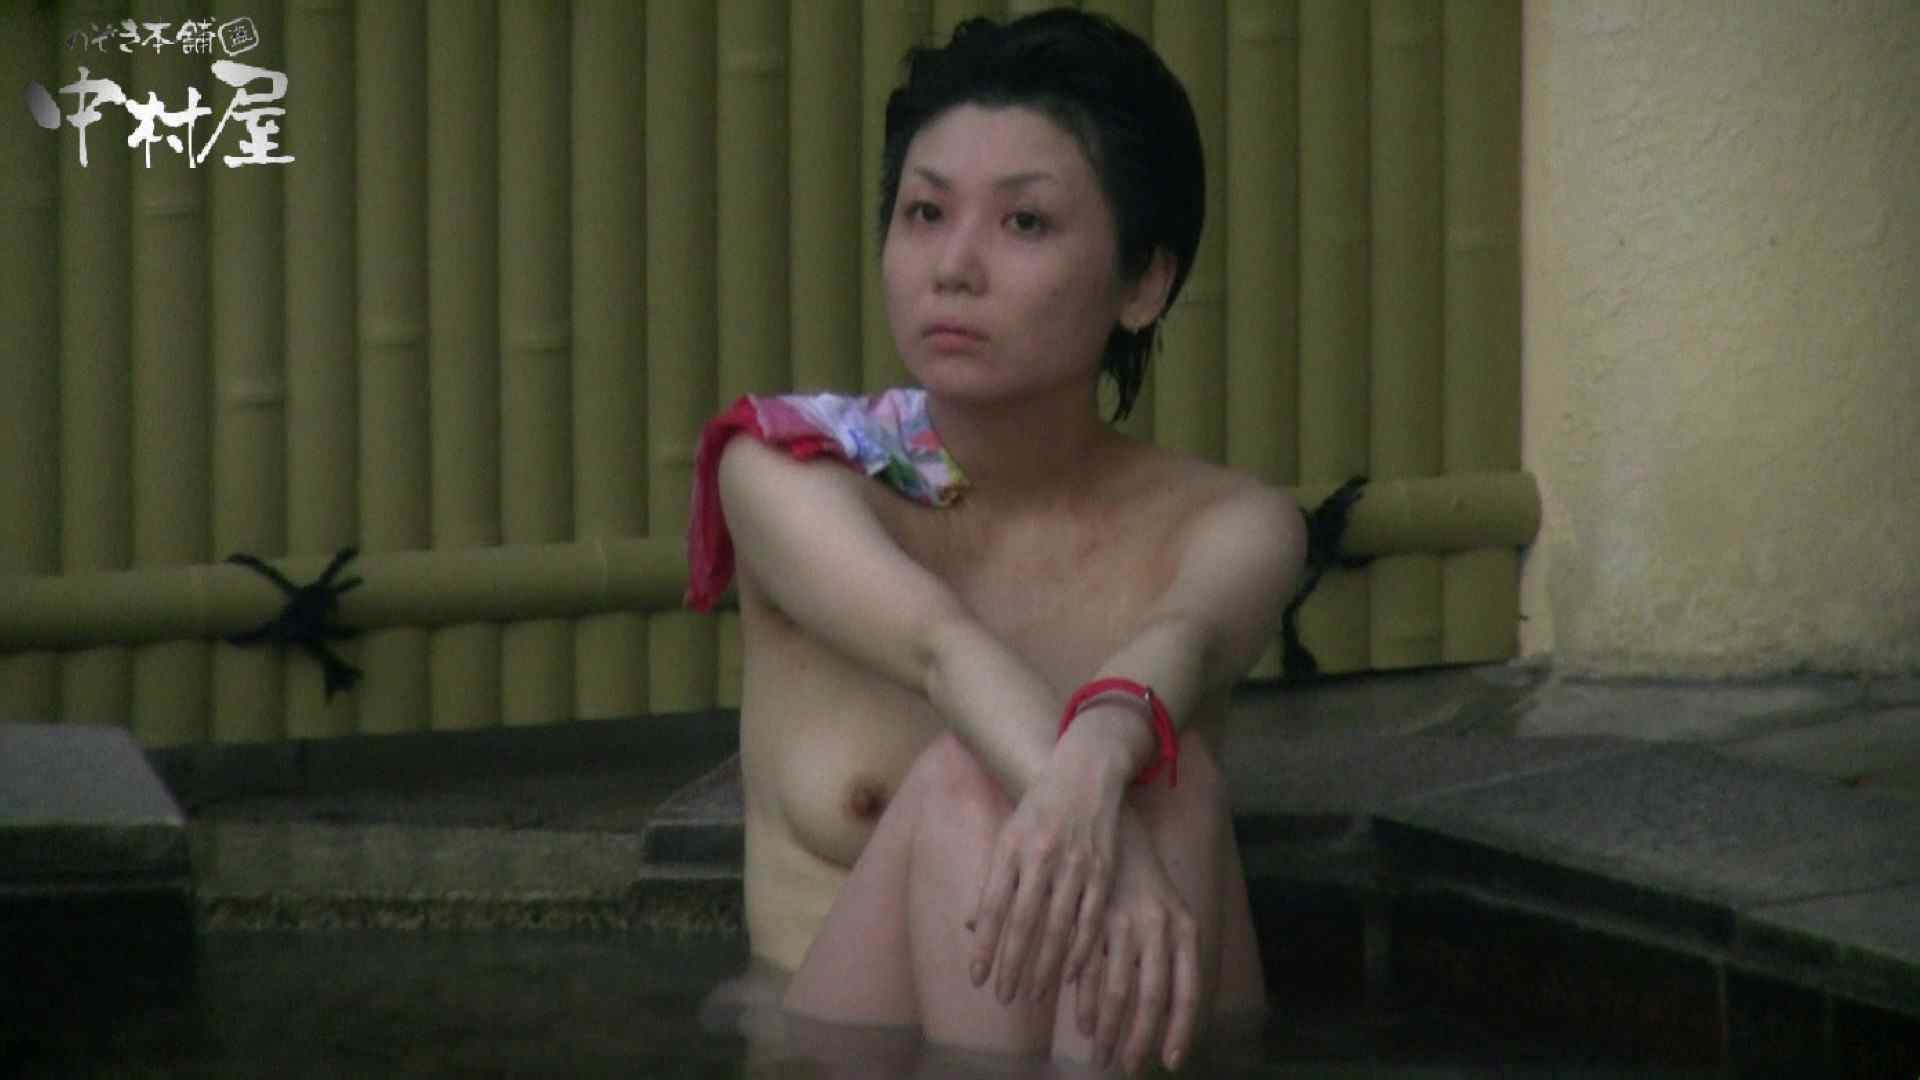 Aquaな露天風呂Vol.884 盗撮師作品 | 美しいOLの裸体  92pic 28